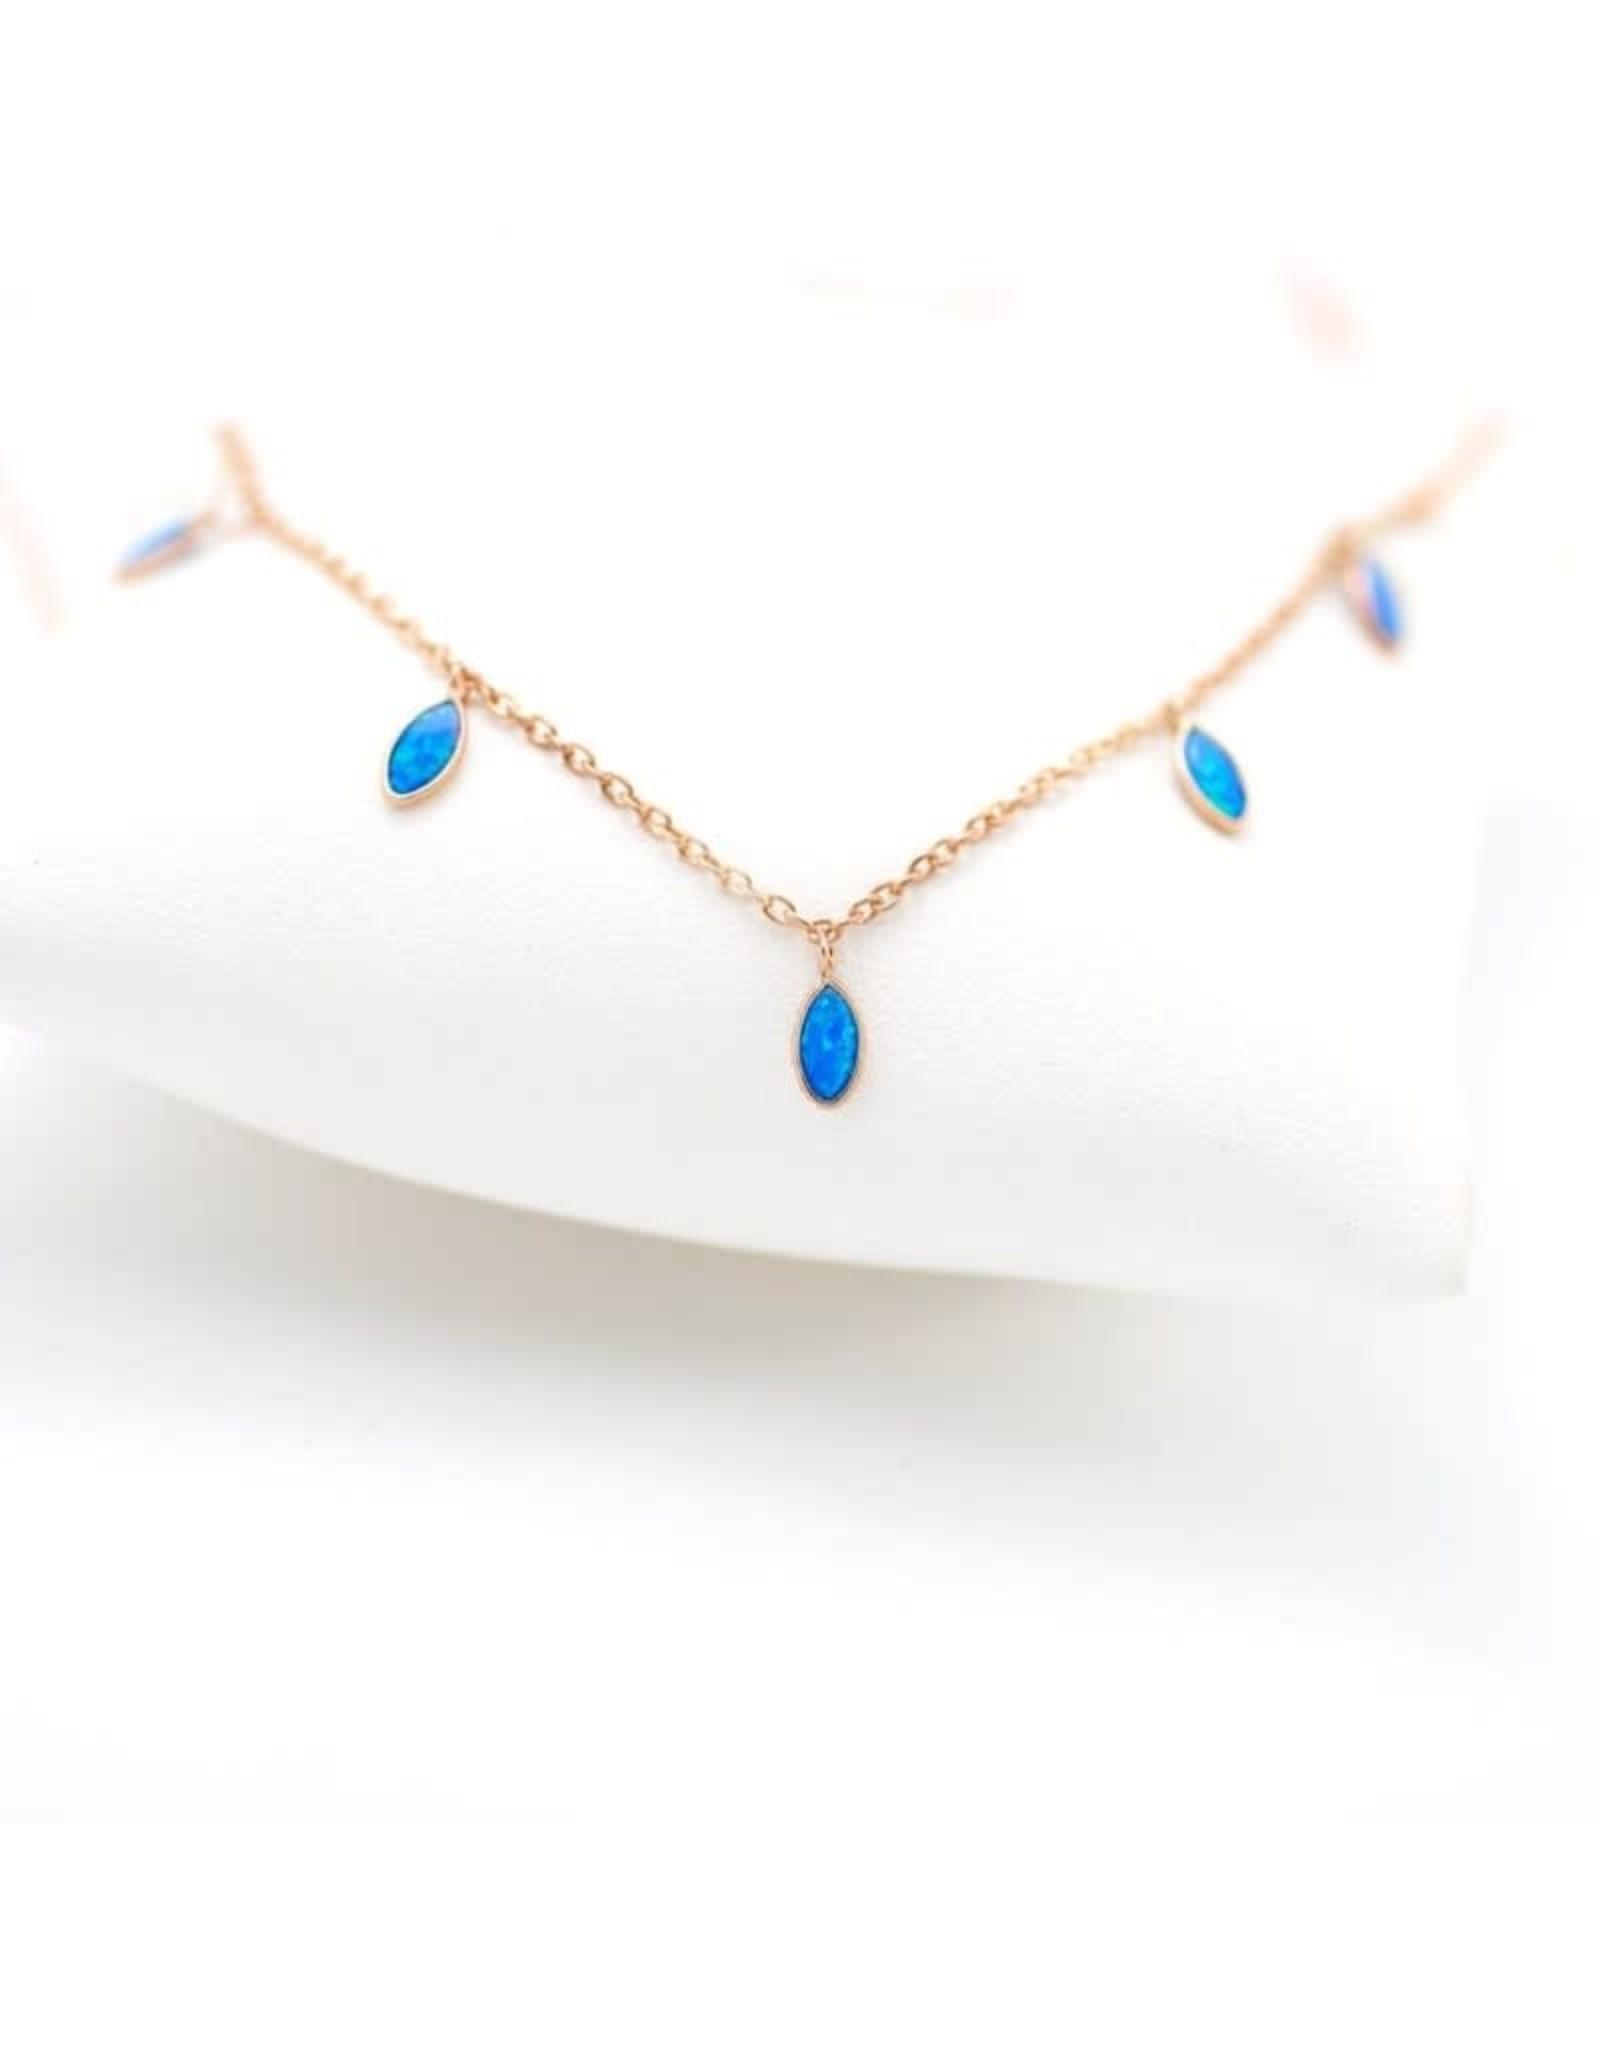 Blue Opal Teardrop Necklace - Gold